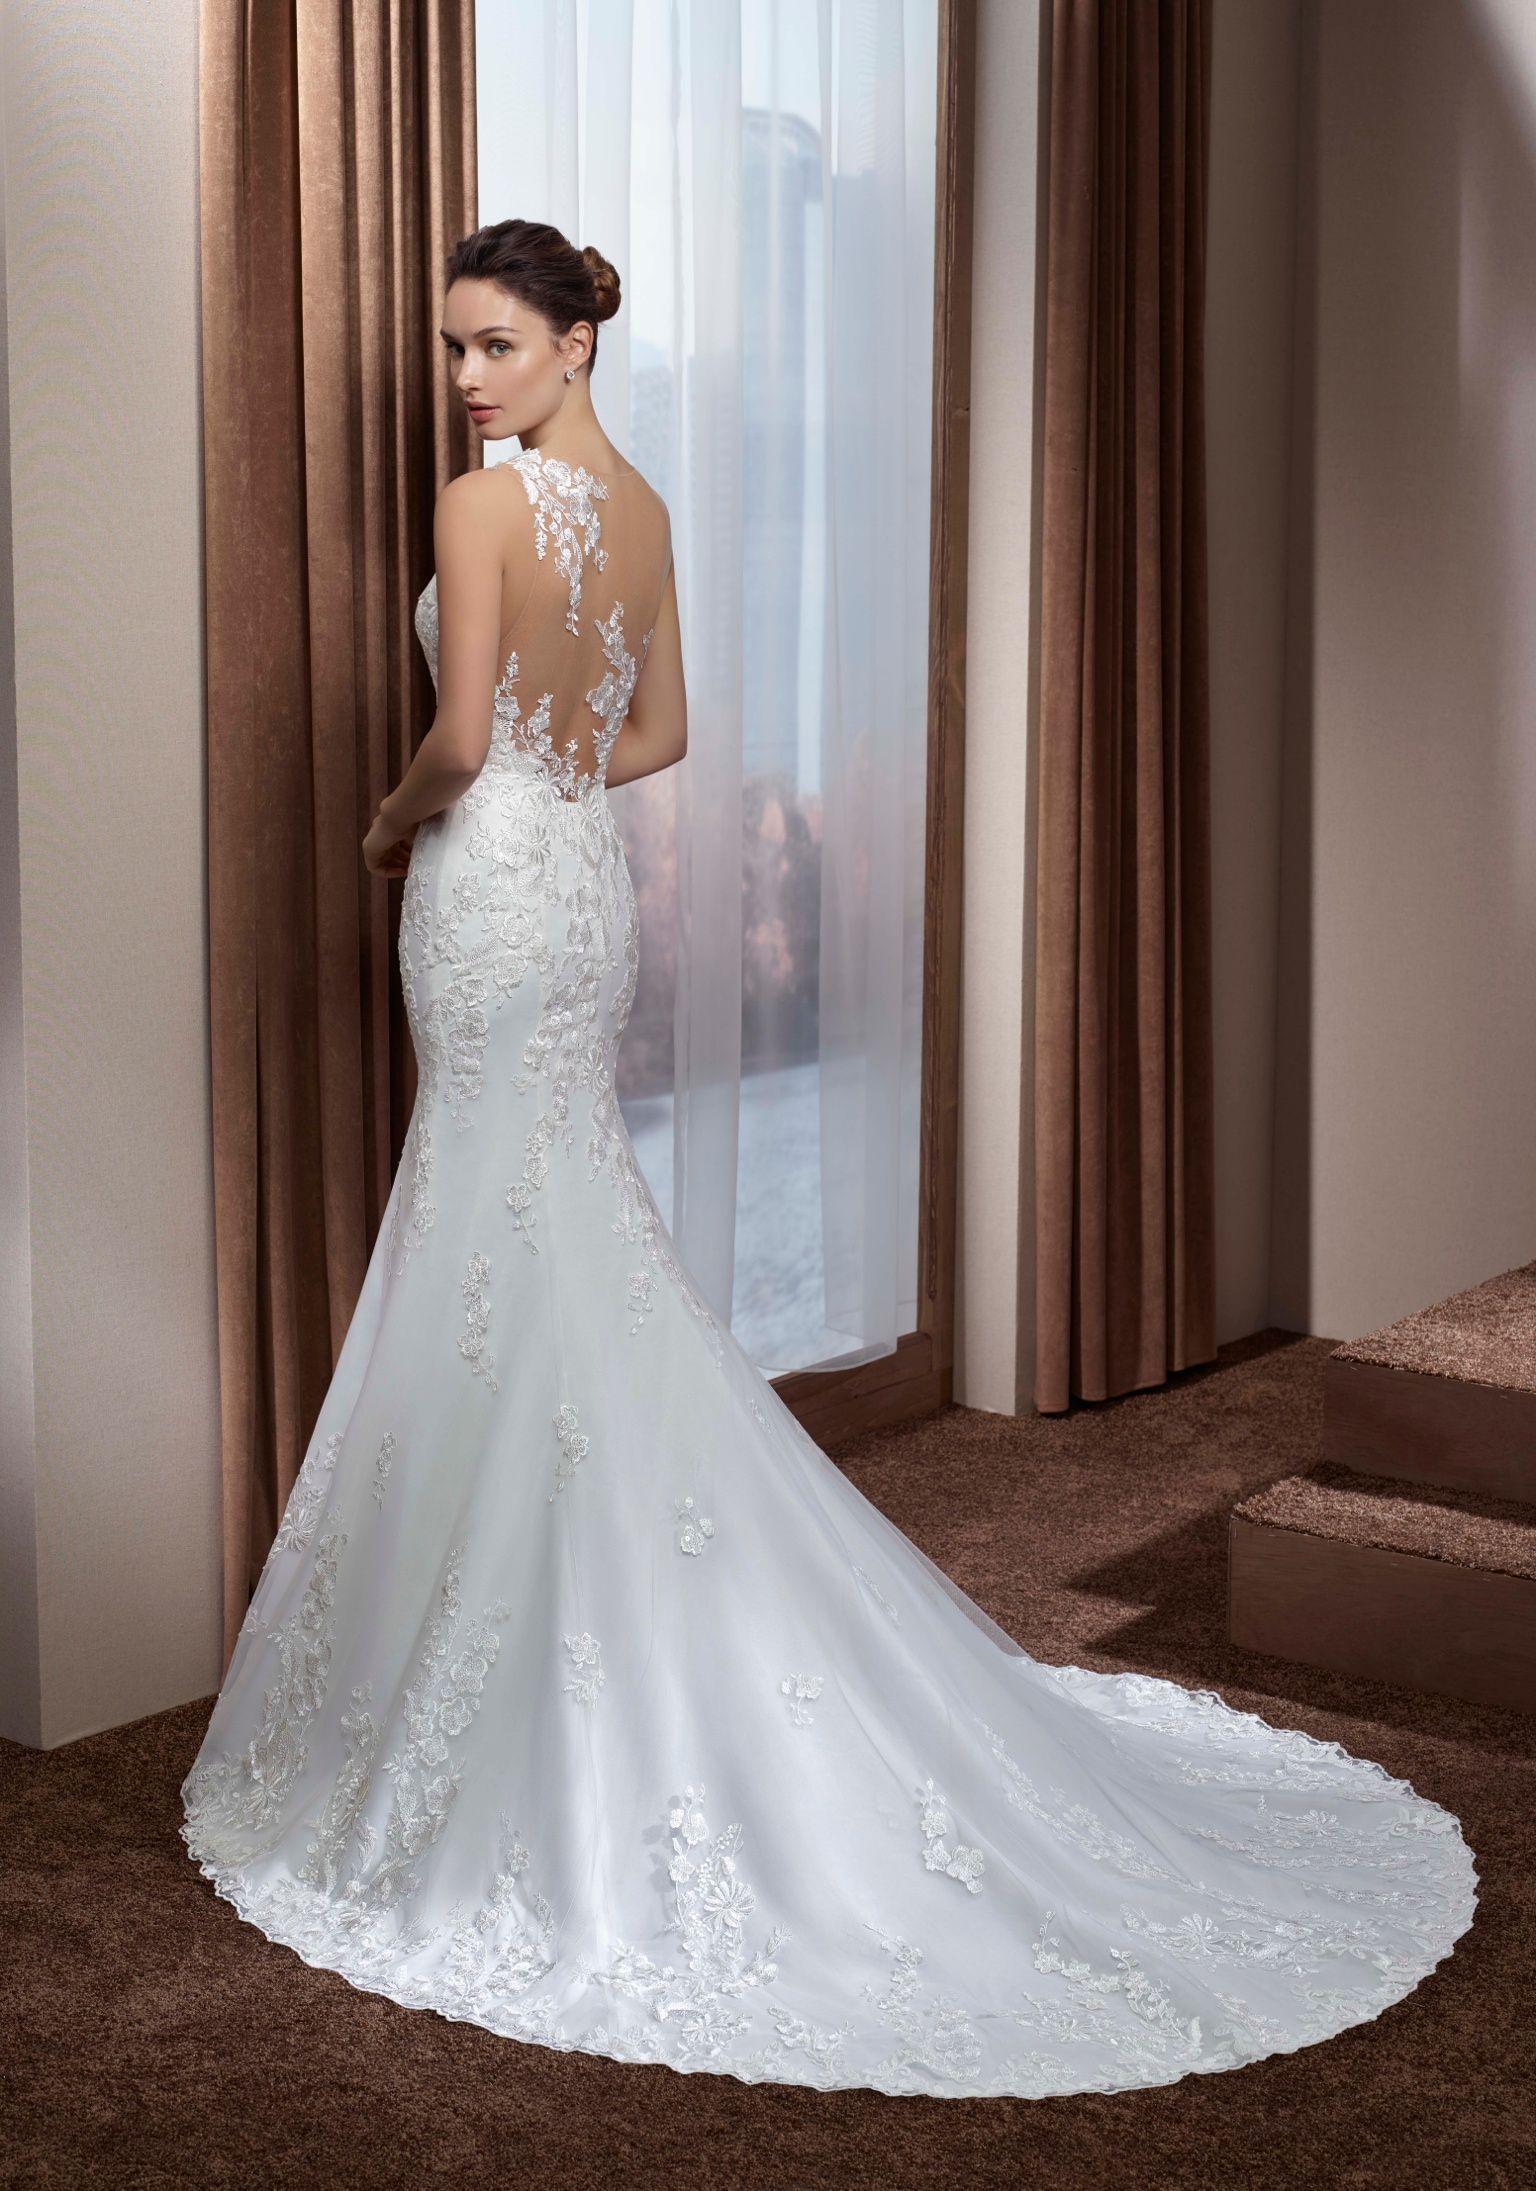 Romatisches, spitzenbesetztes Brautkleid im Mermaid-Style mit tiefem ...